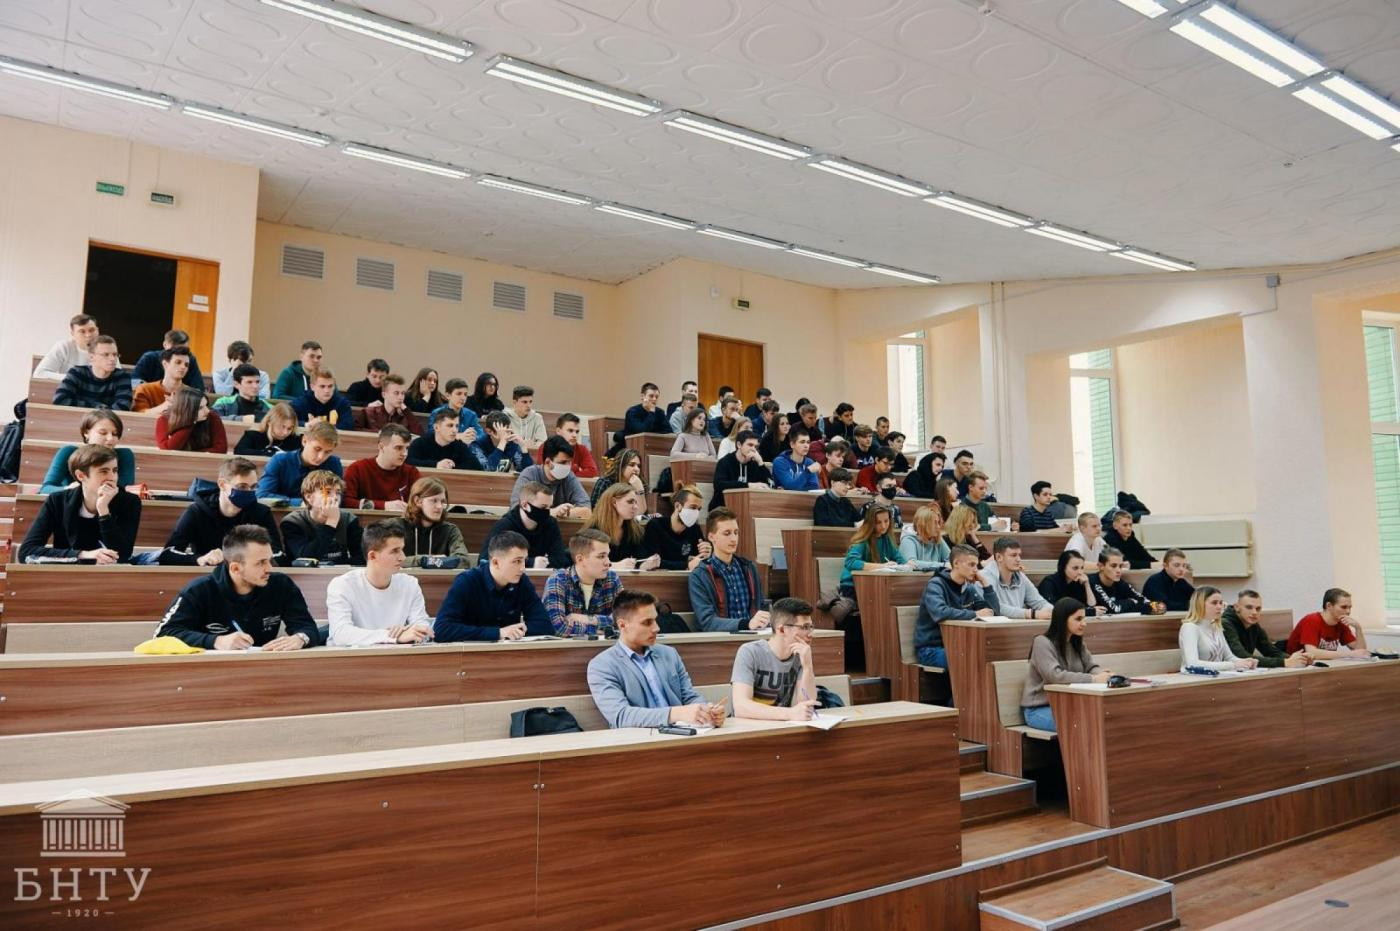 Университет не школа. Что необходимо знать первокурснику?